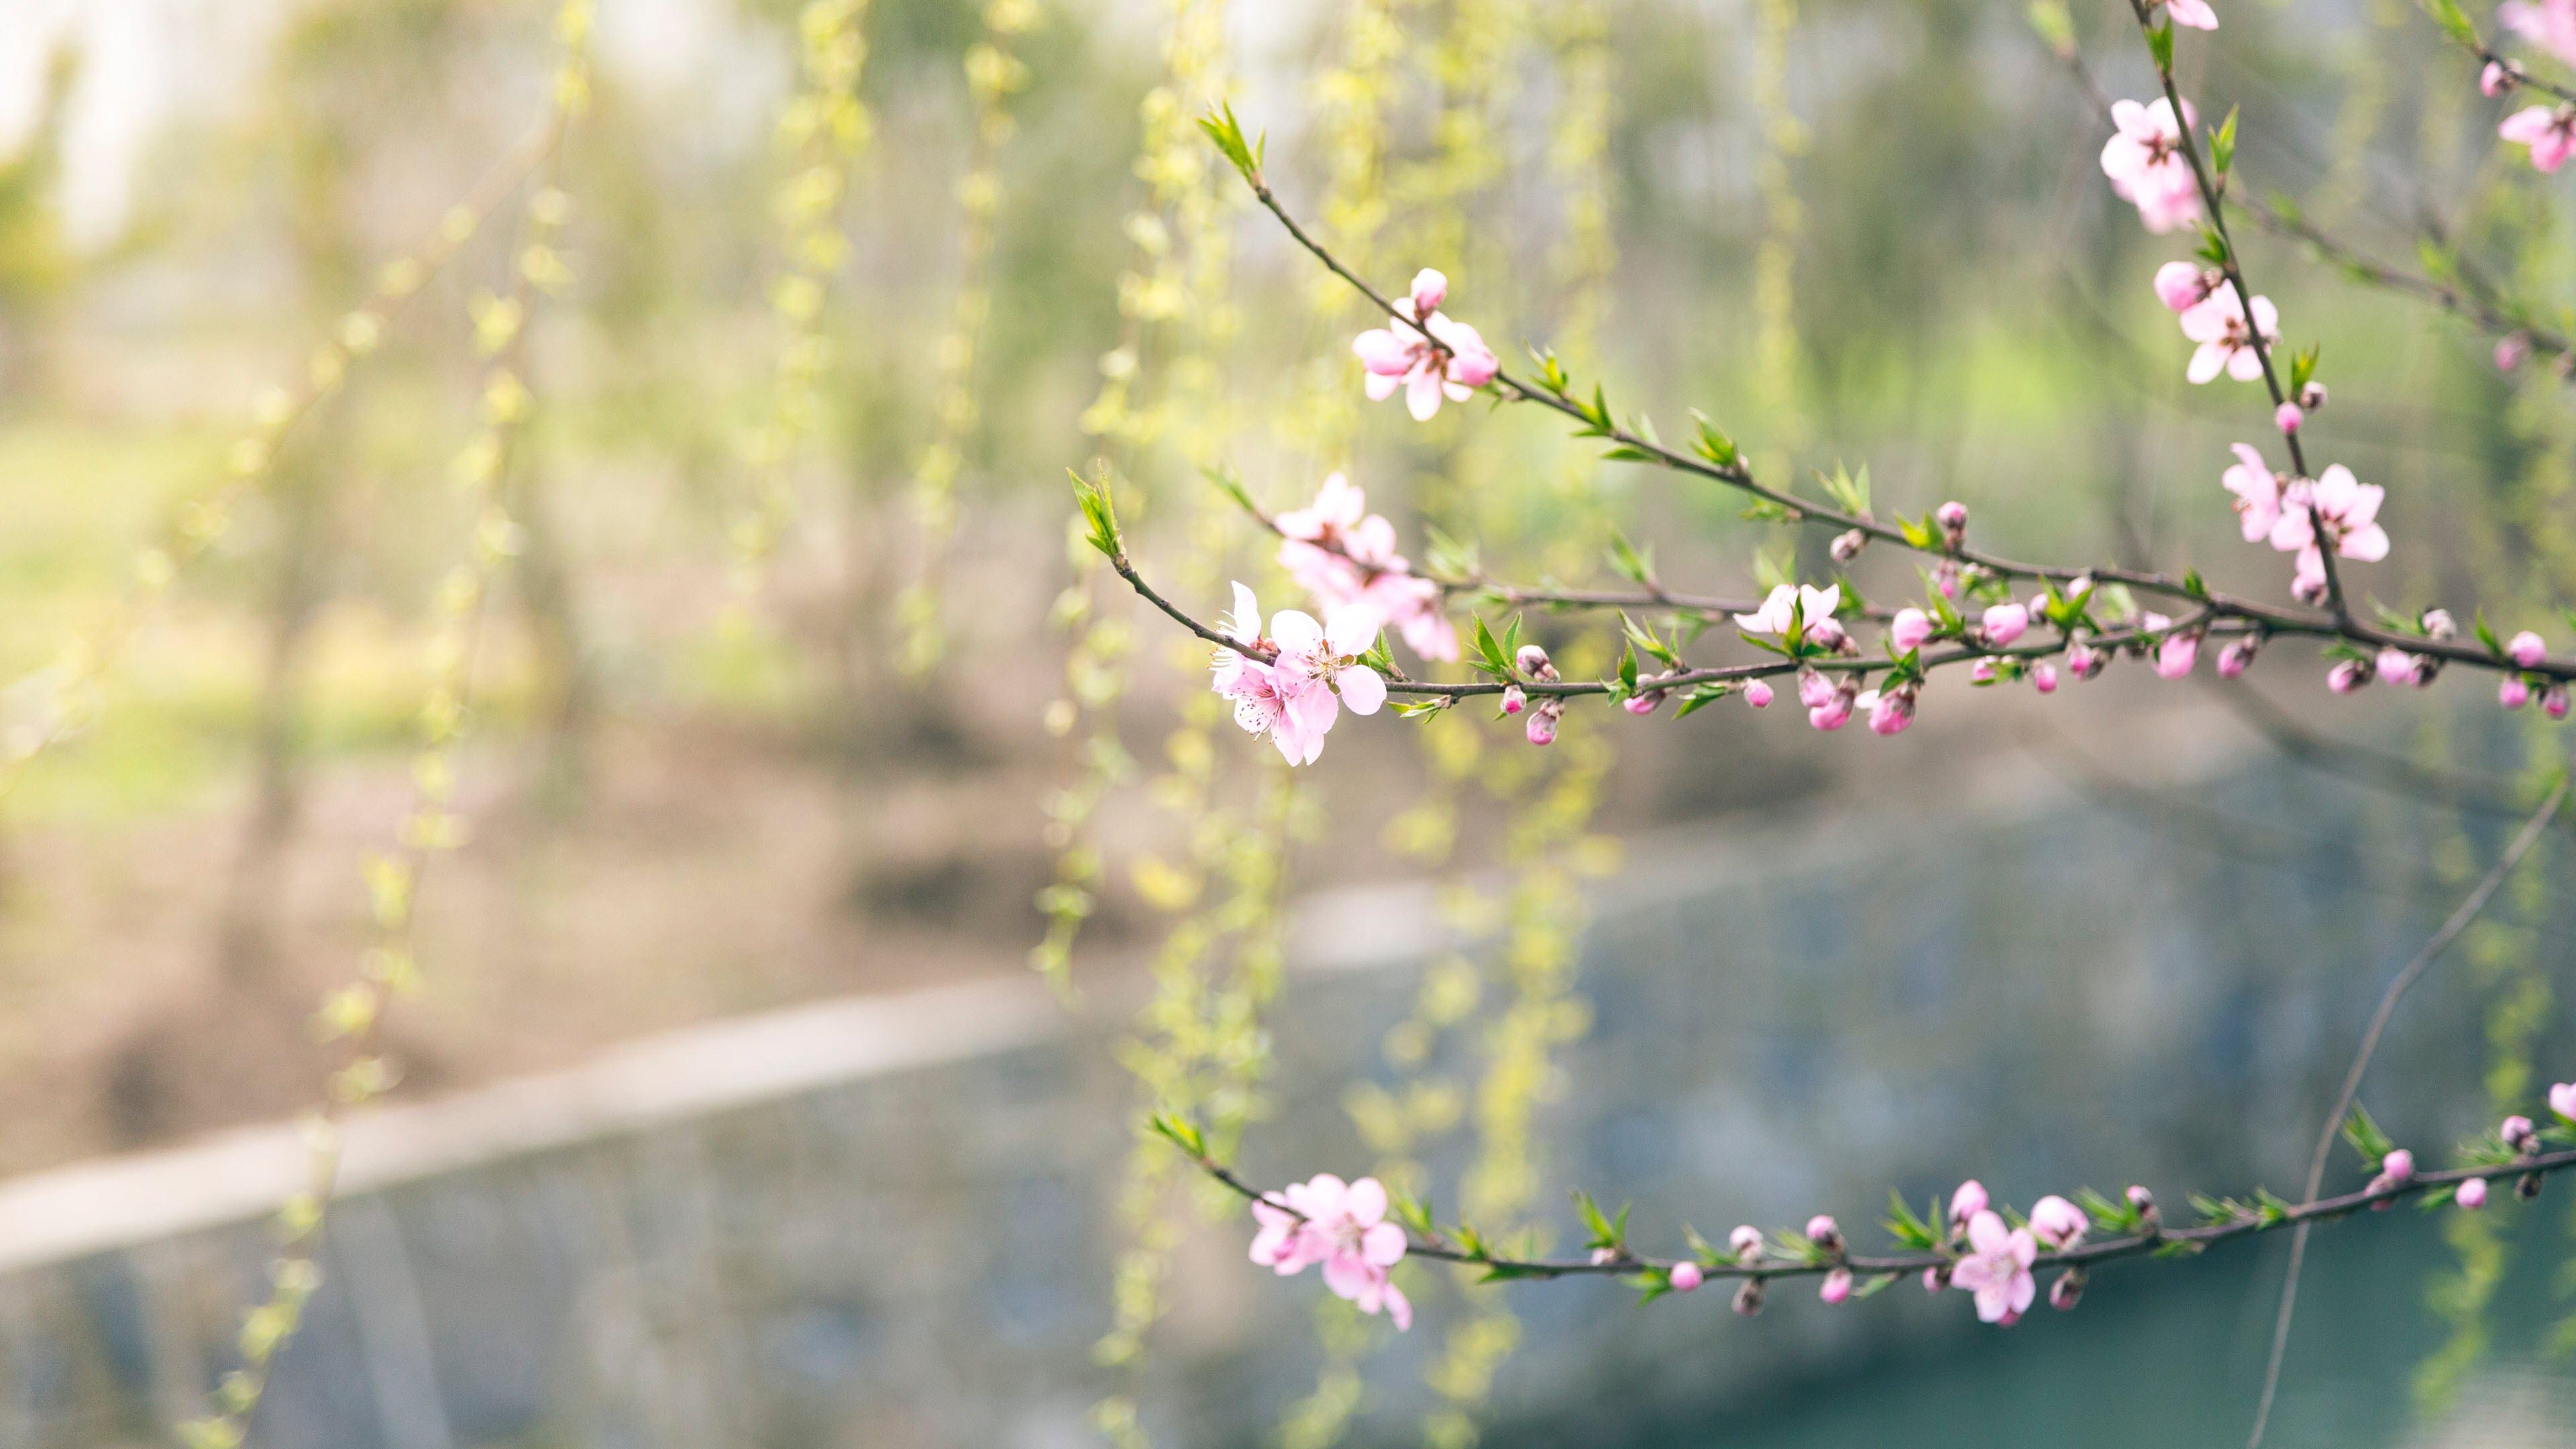 Hình nền hoa đào Việt Nam mùa xuân